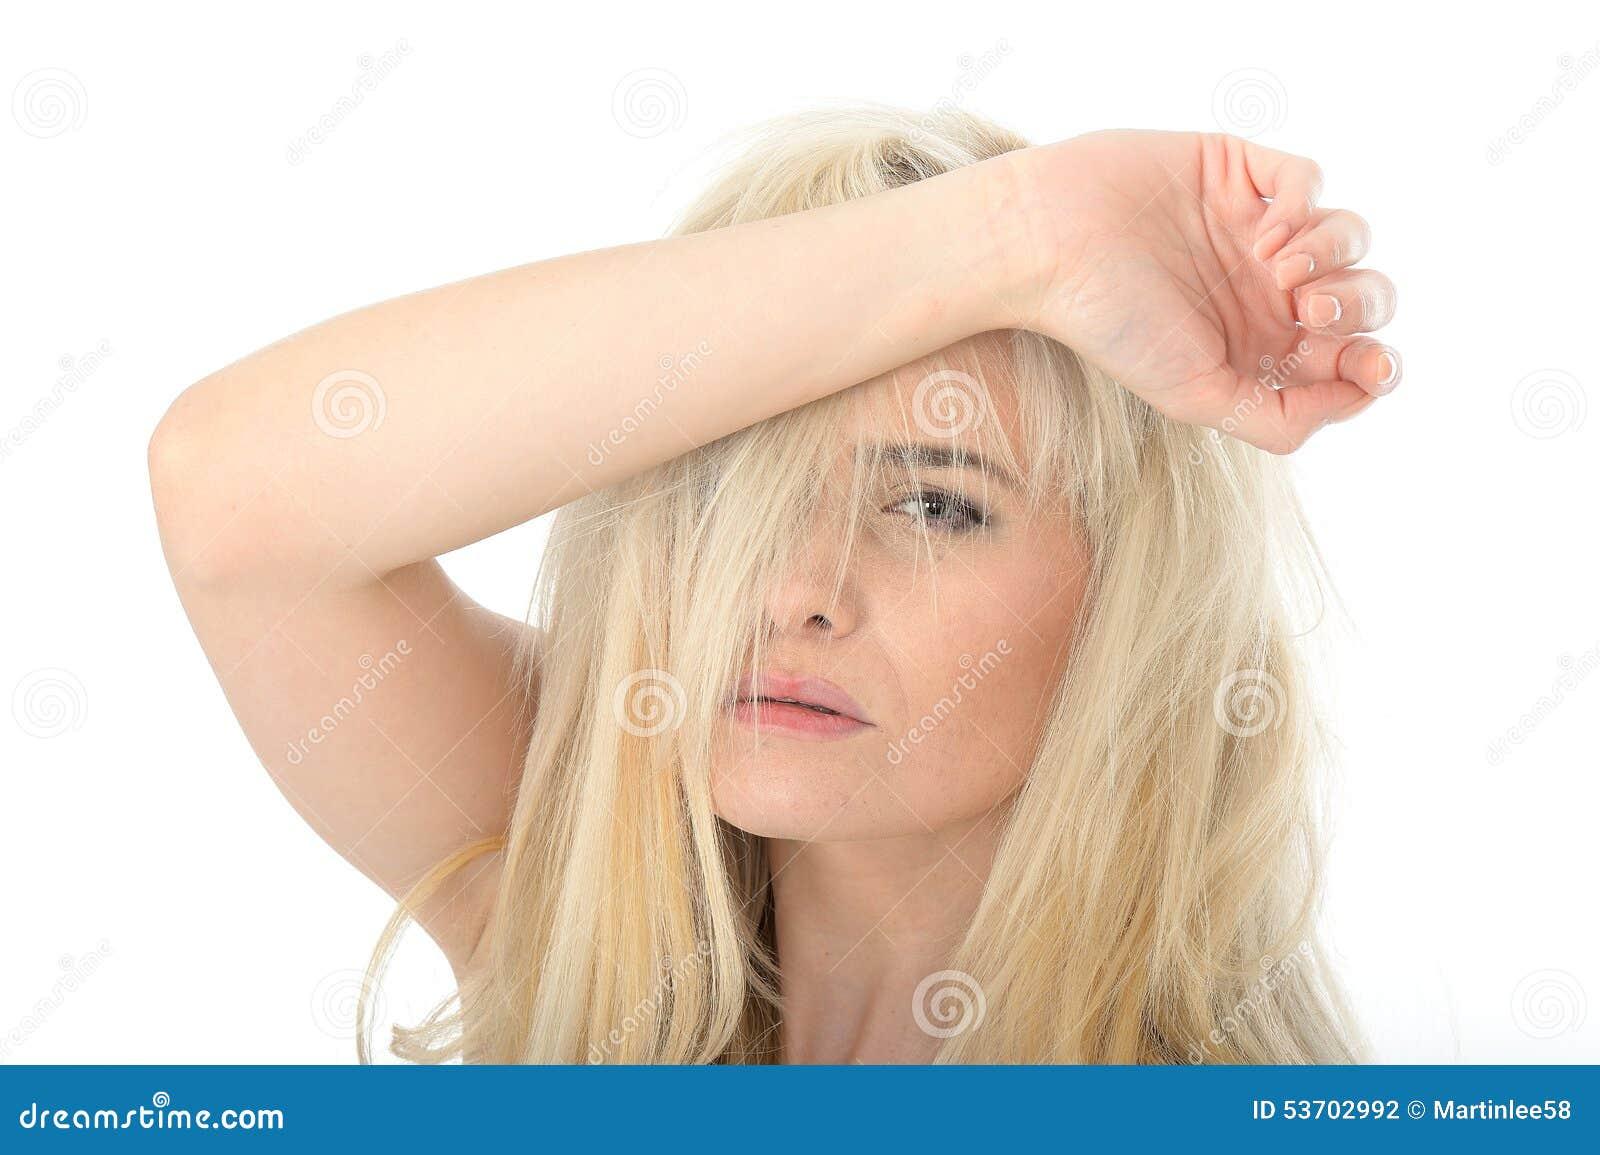 pale skin facial hair tired